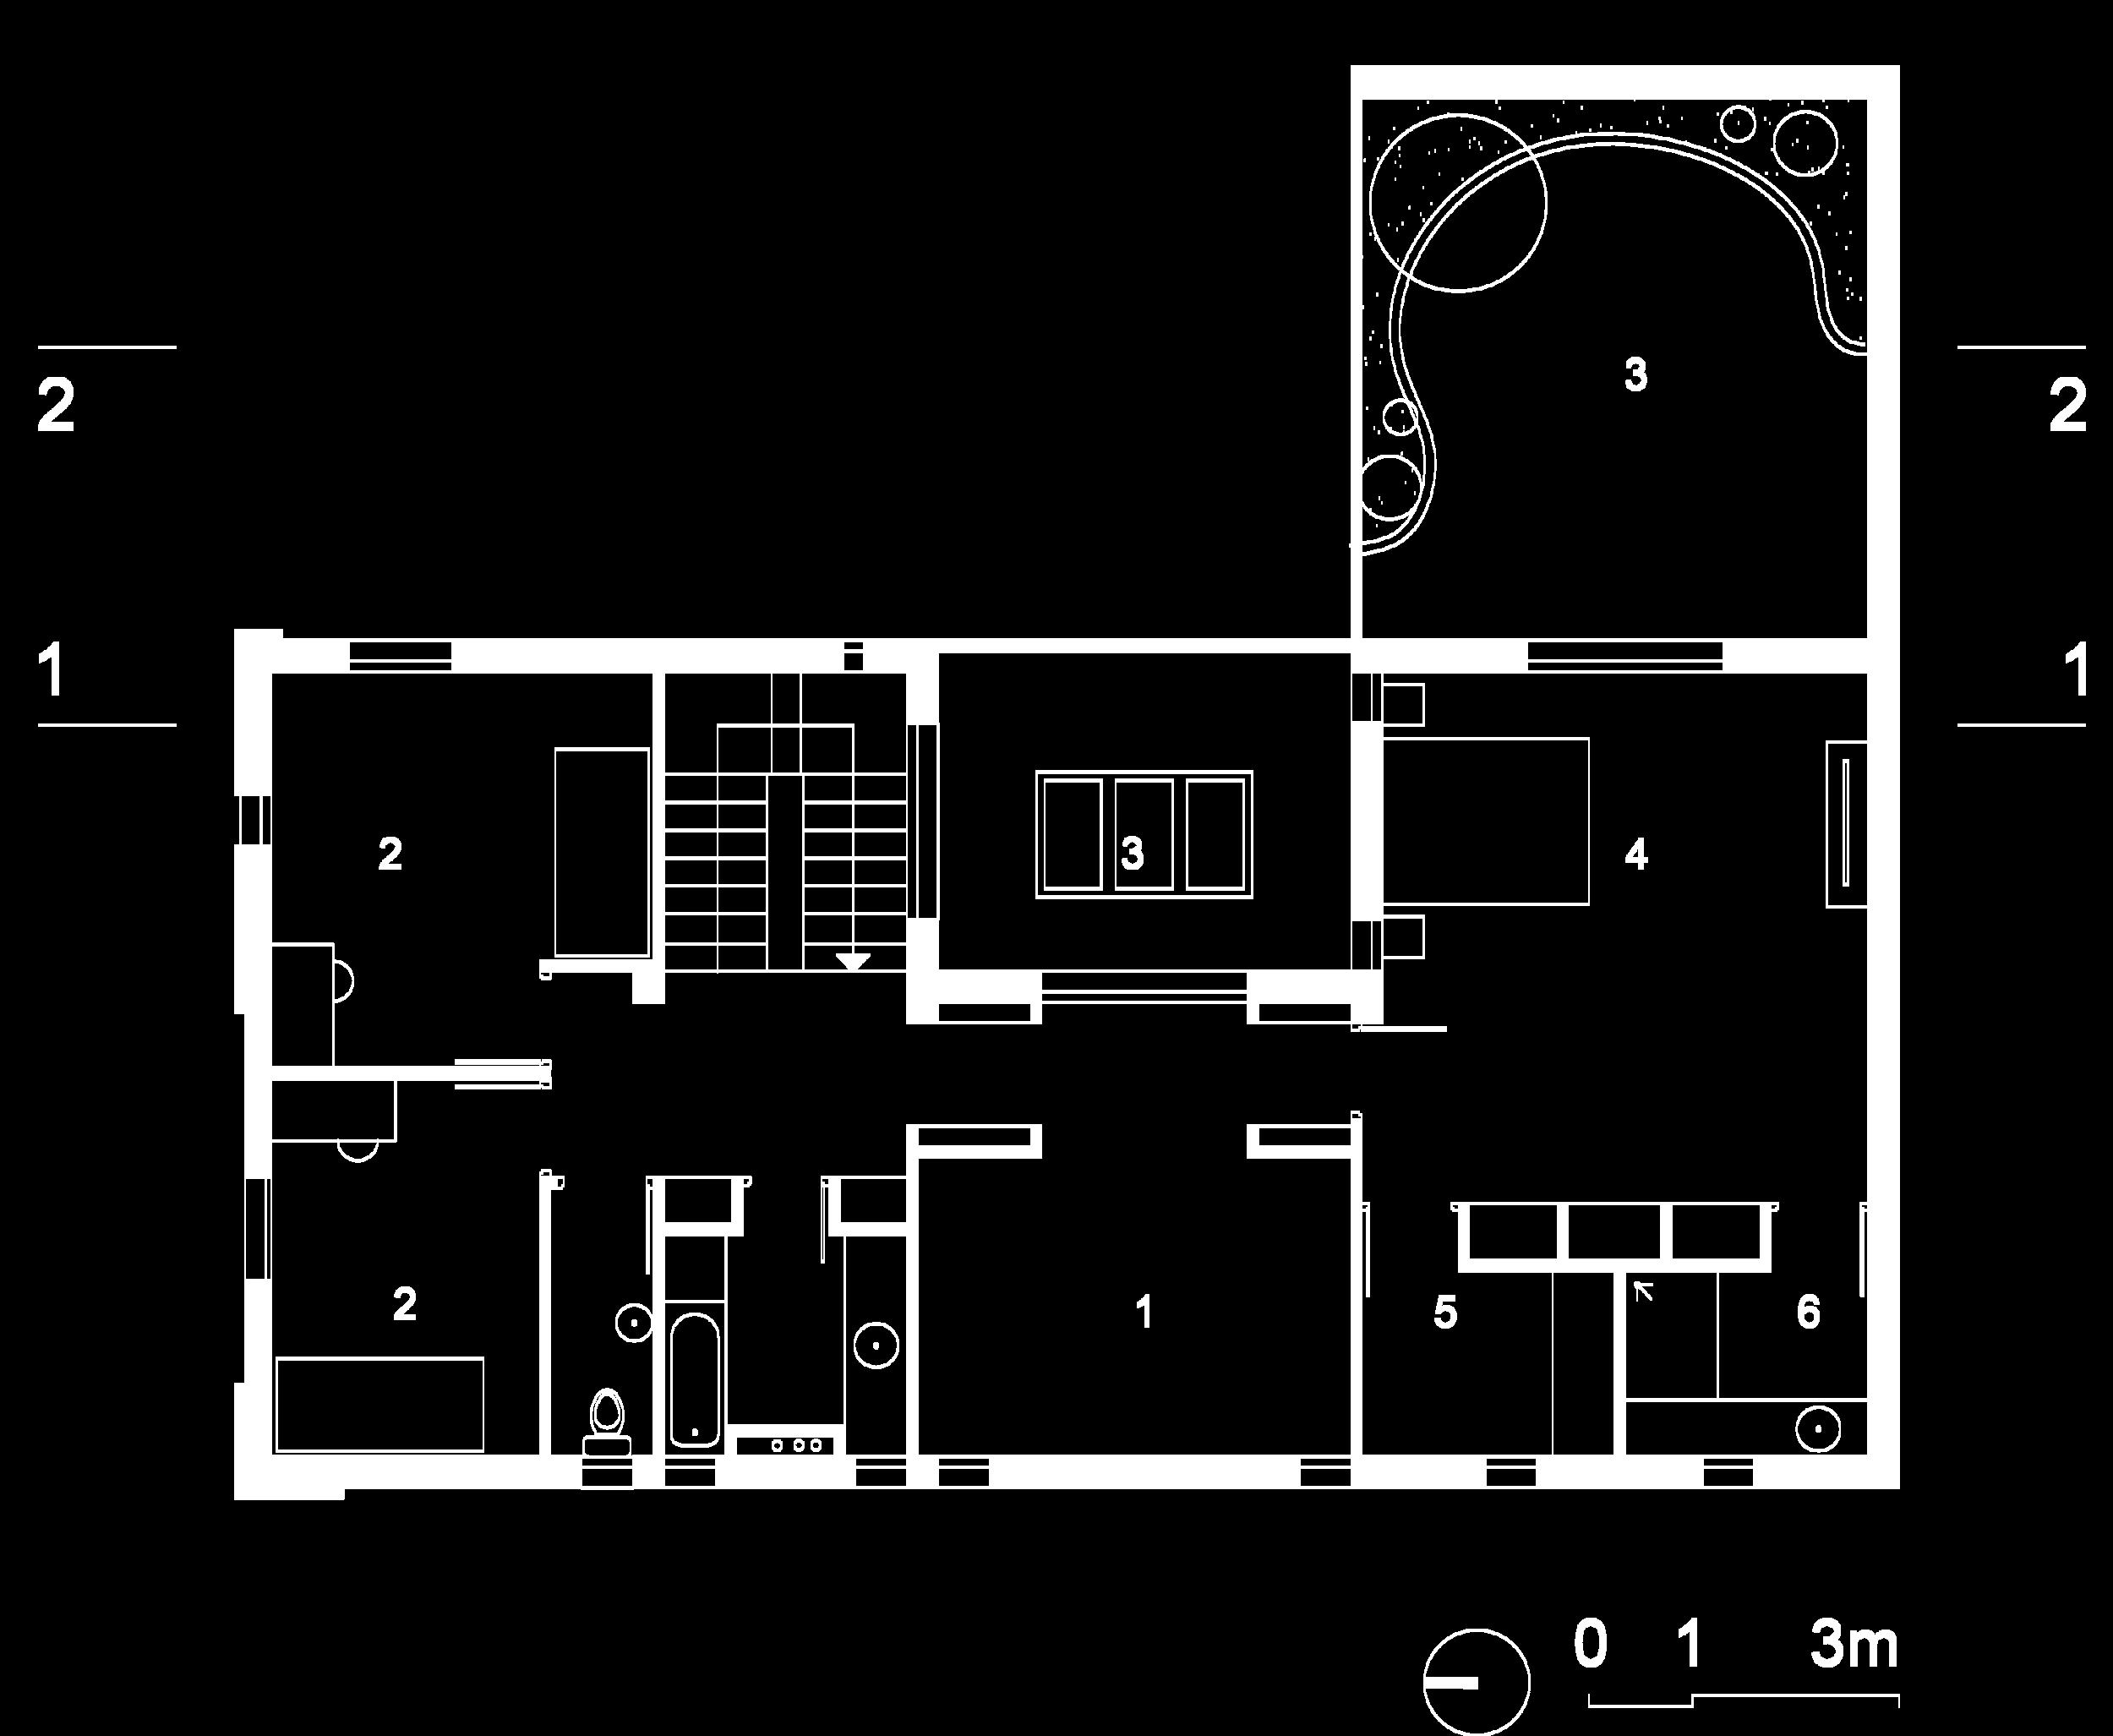 Plan du deuxième :  1- Séjour d'étage, 2- Chambre, 3- Patio jardin, 4- Suite parentale, 5- Dressing, 6- Salle d'eau.